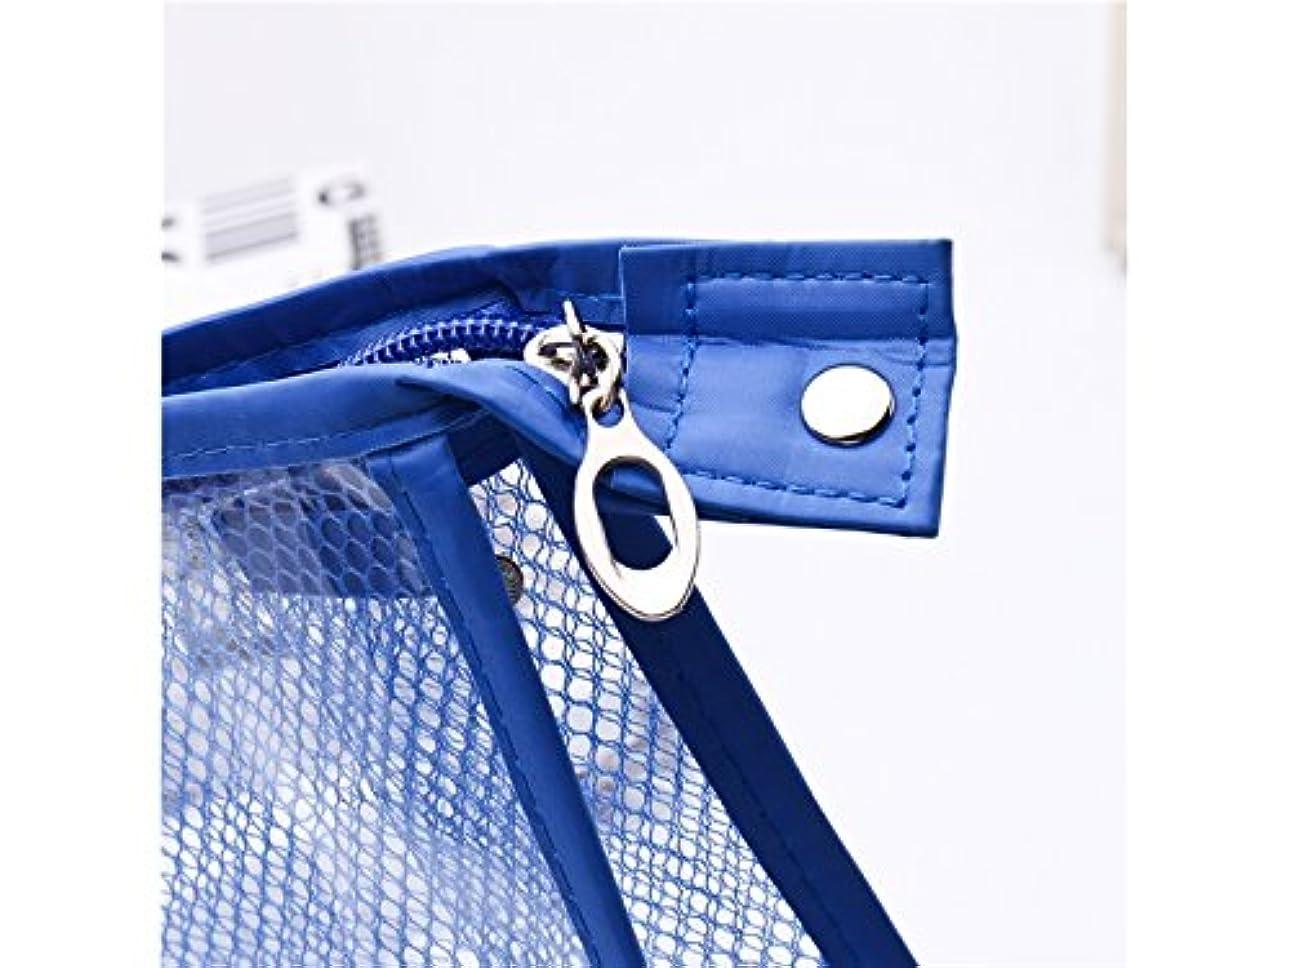 スクレーパー追い付く野心的便携式 ファッションストレージバッグ2ピース化粧バッグメイクアップバッグポーチバッグウォッシュバッグシャワーバスケット(ネイビーブルー)